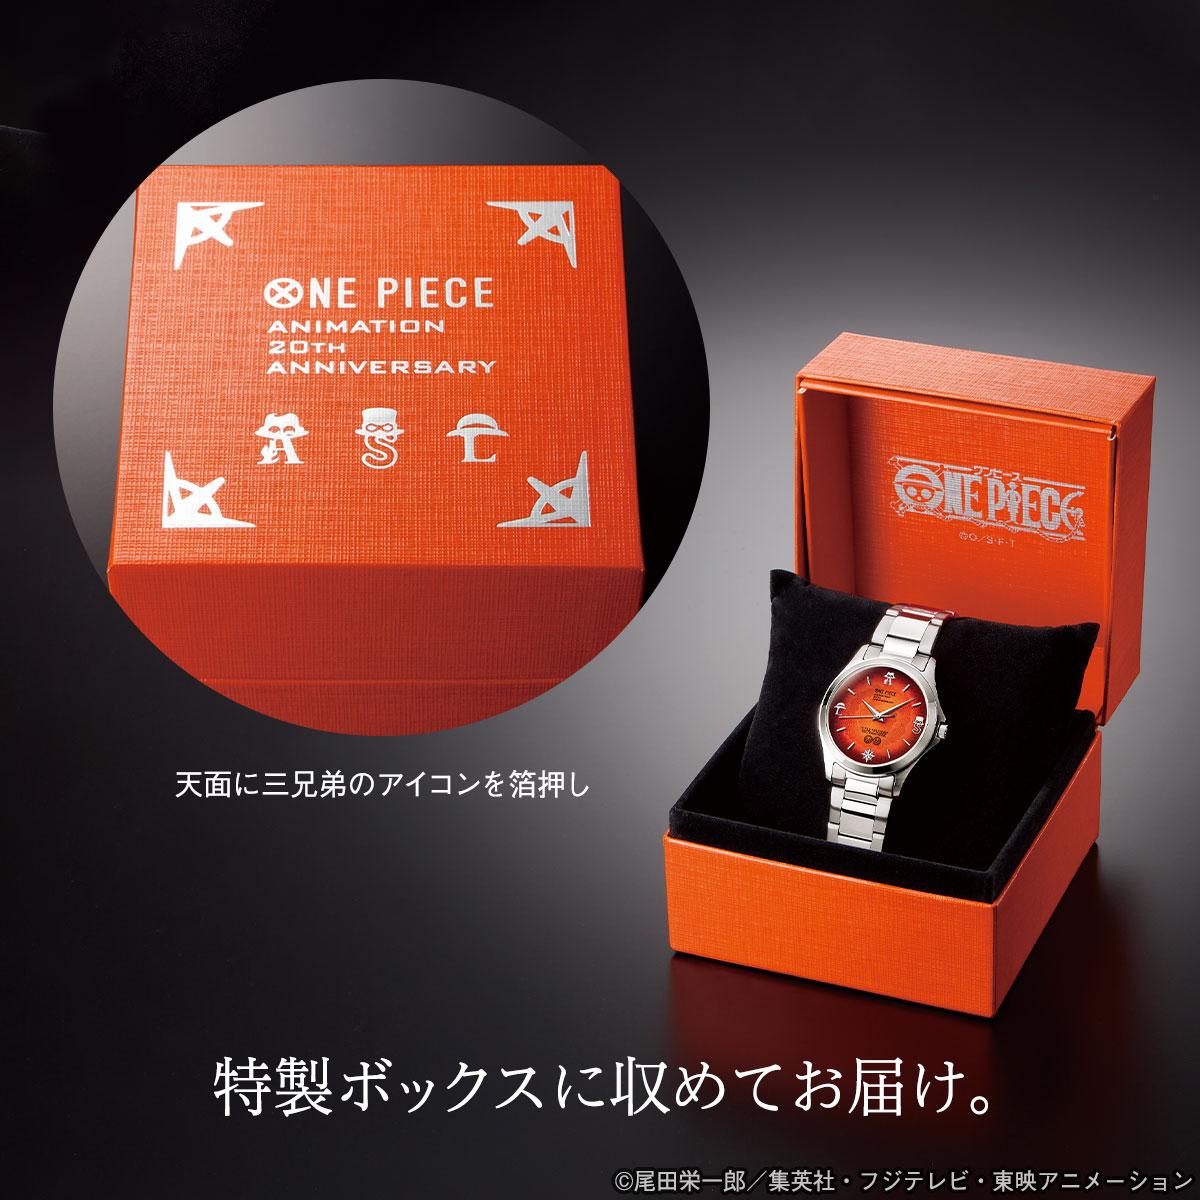 三兄弟の絆 オフィシャルライセンス腕時計